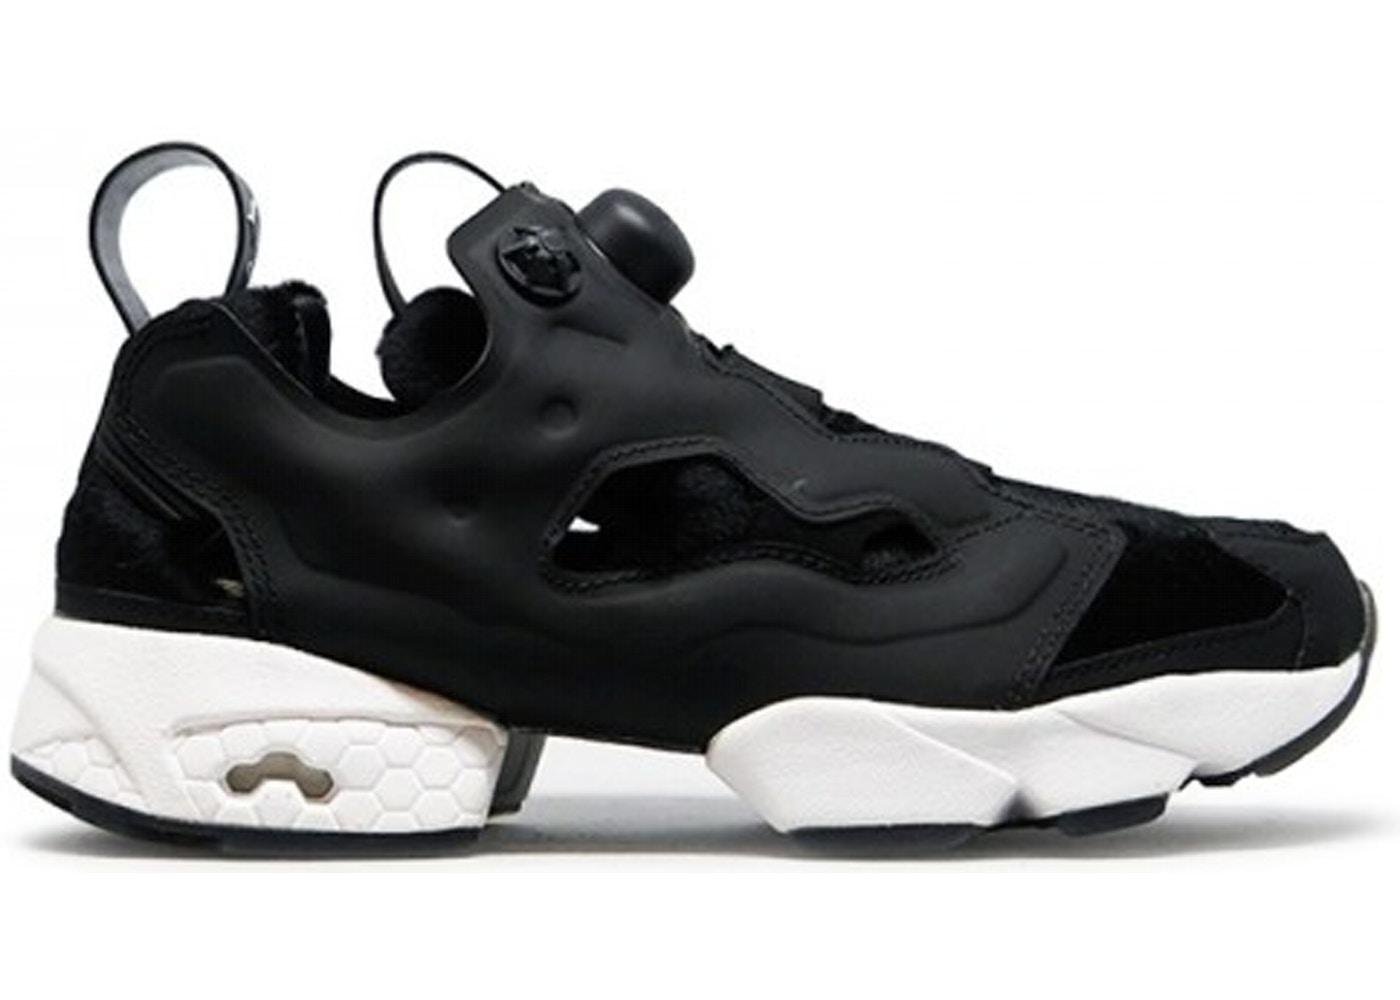 20fd6b23 Reebok Instapump Fury Sneakerboy Black - BD2324